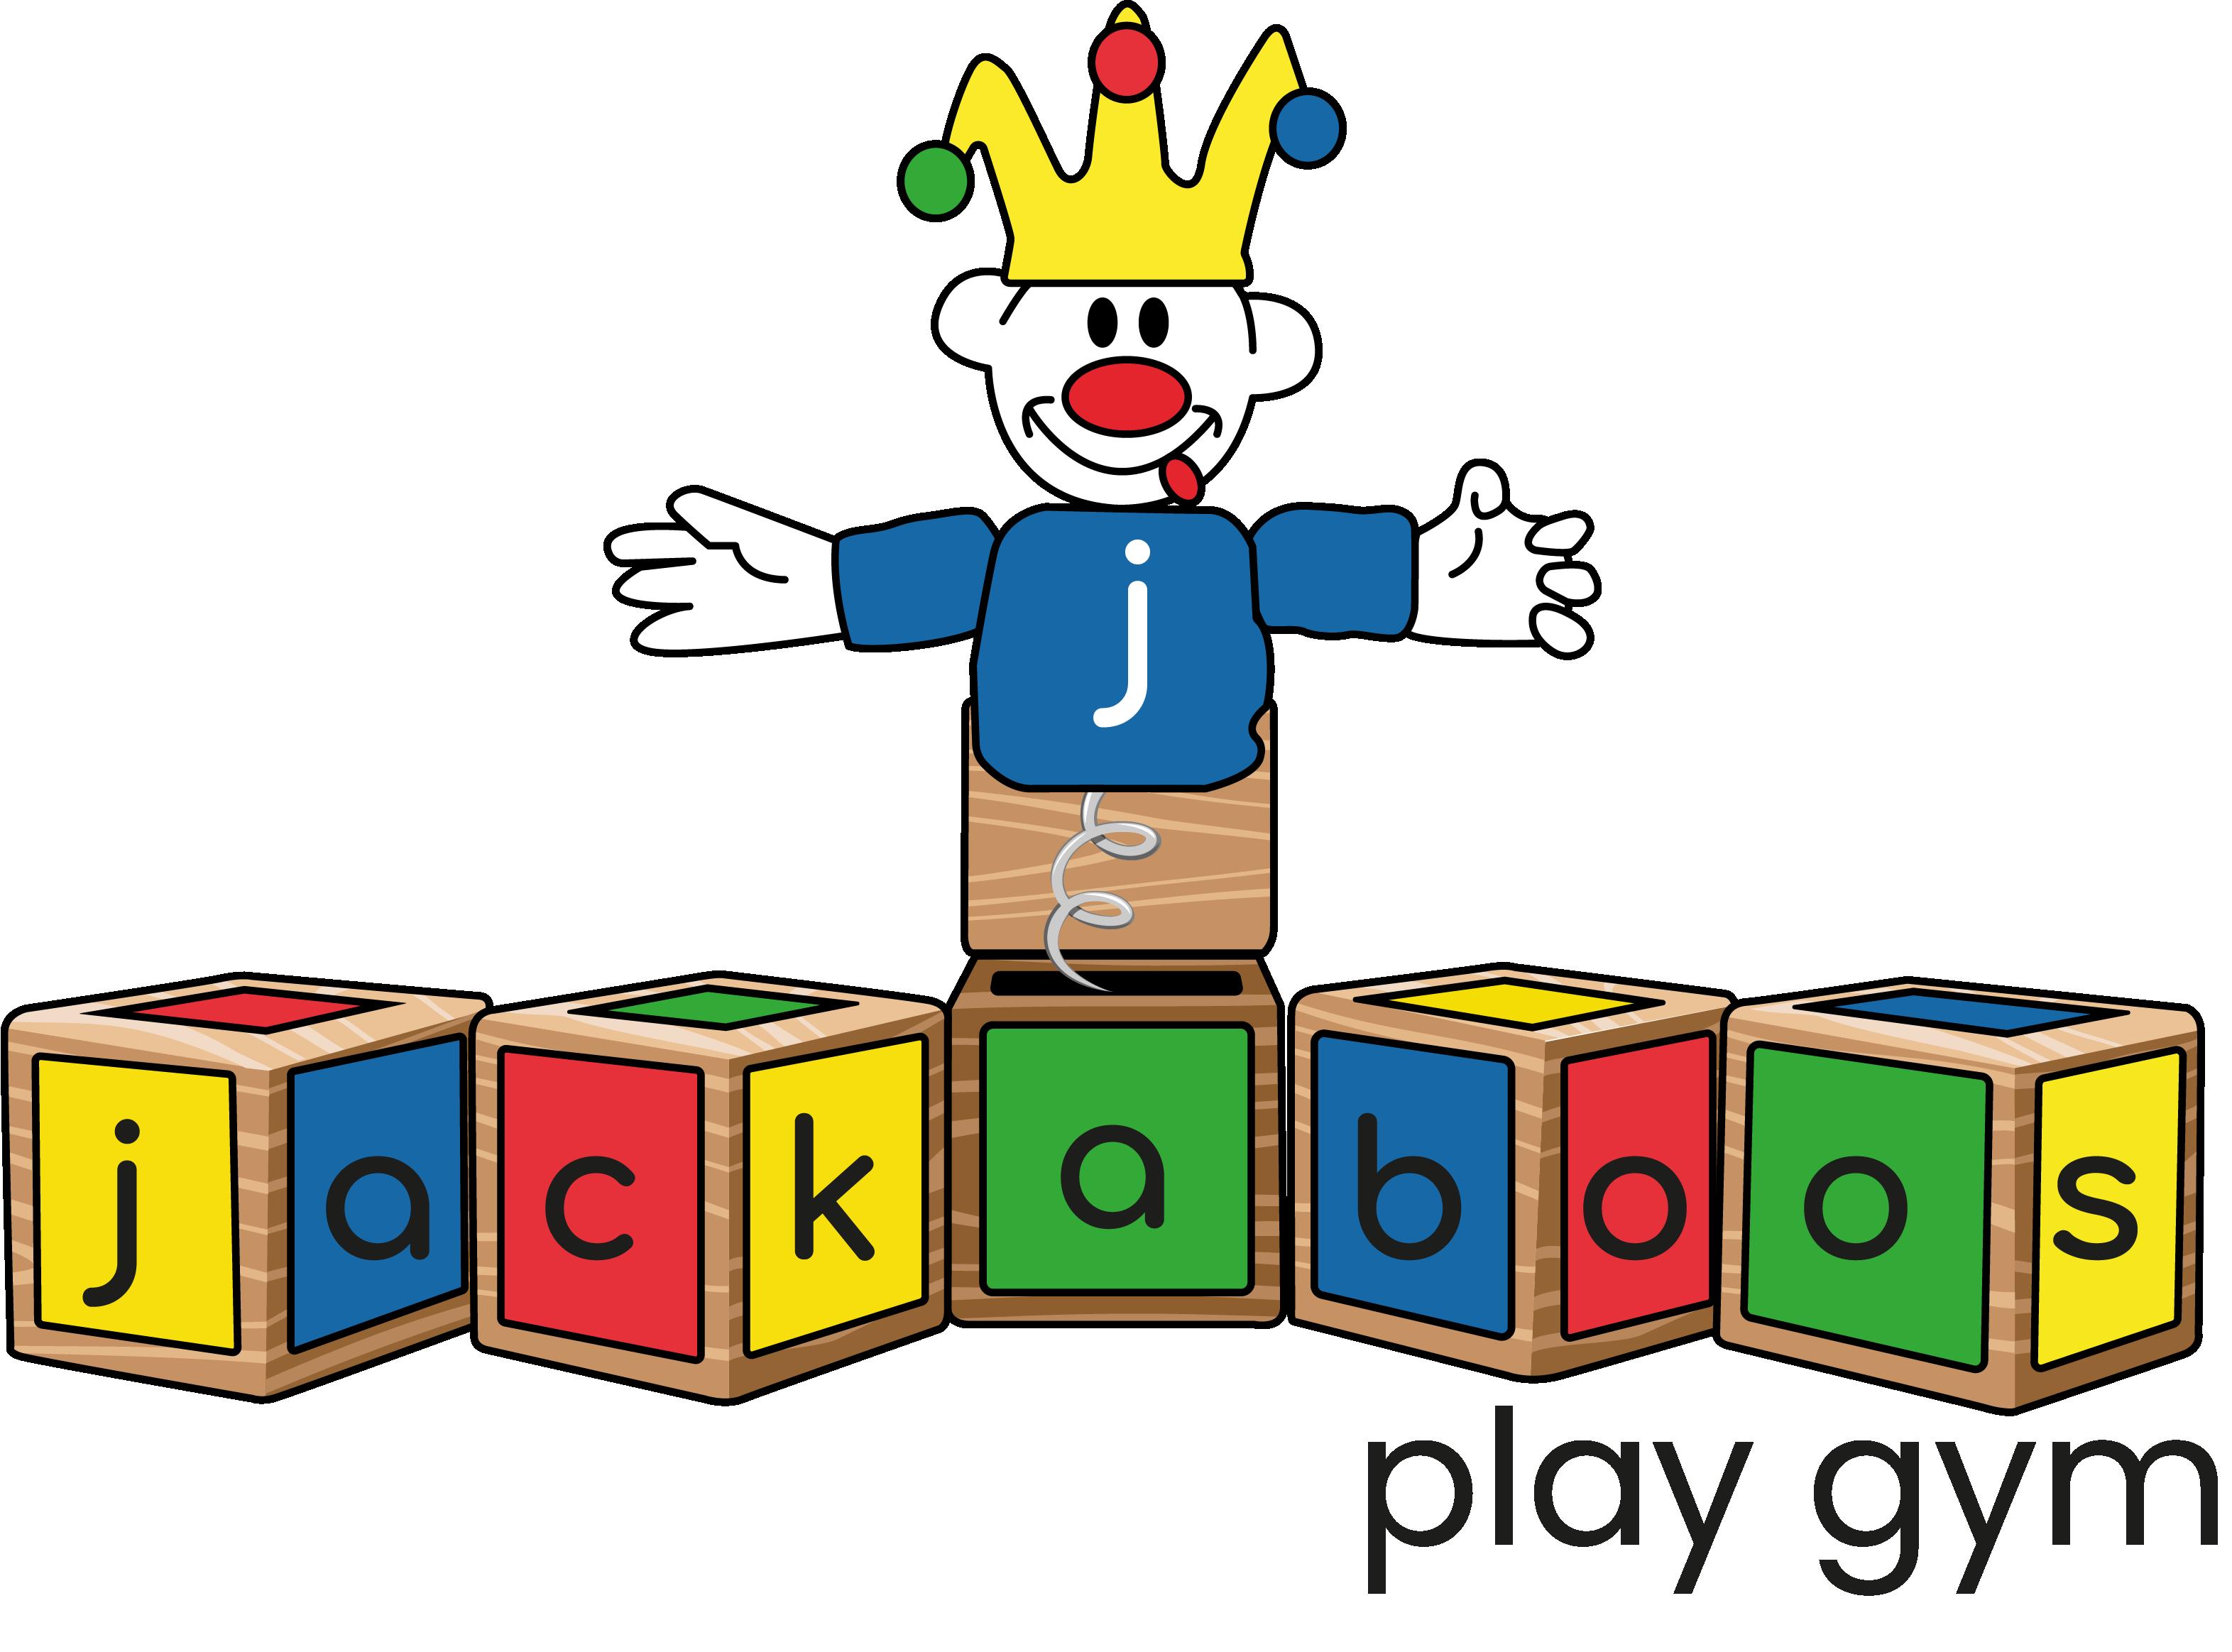 Jackaboos